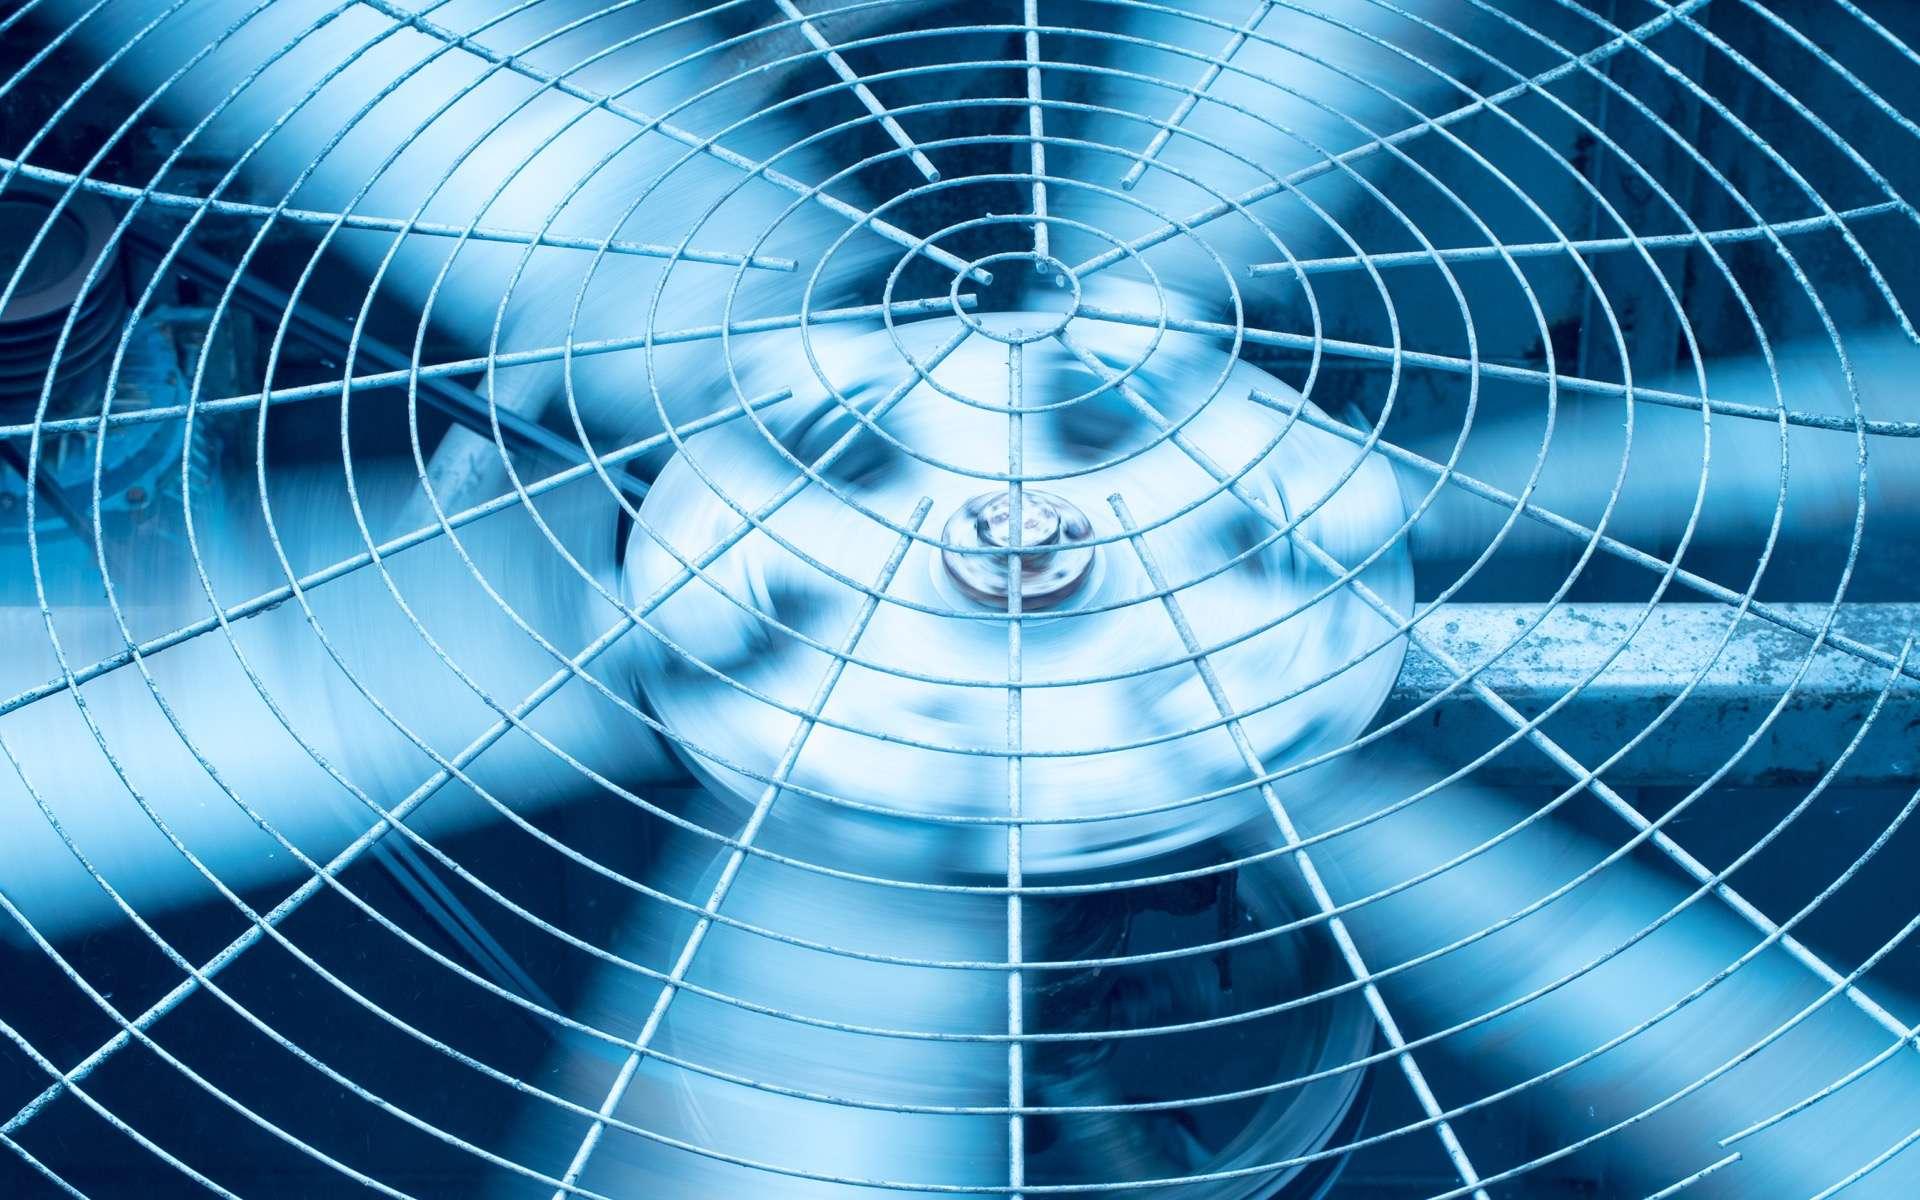 Principes de base de la ventilation. © Ieang, Adobe Stock